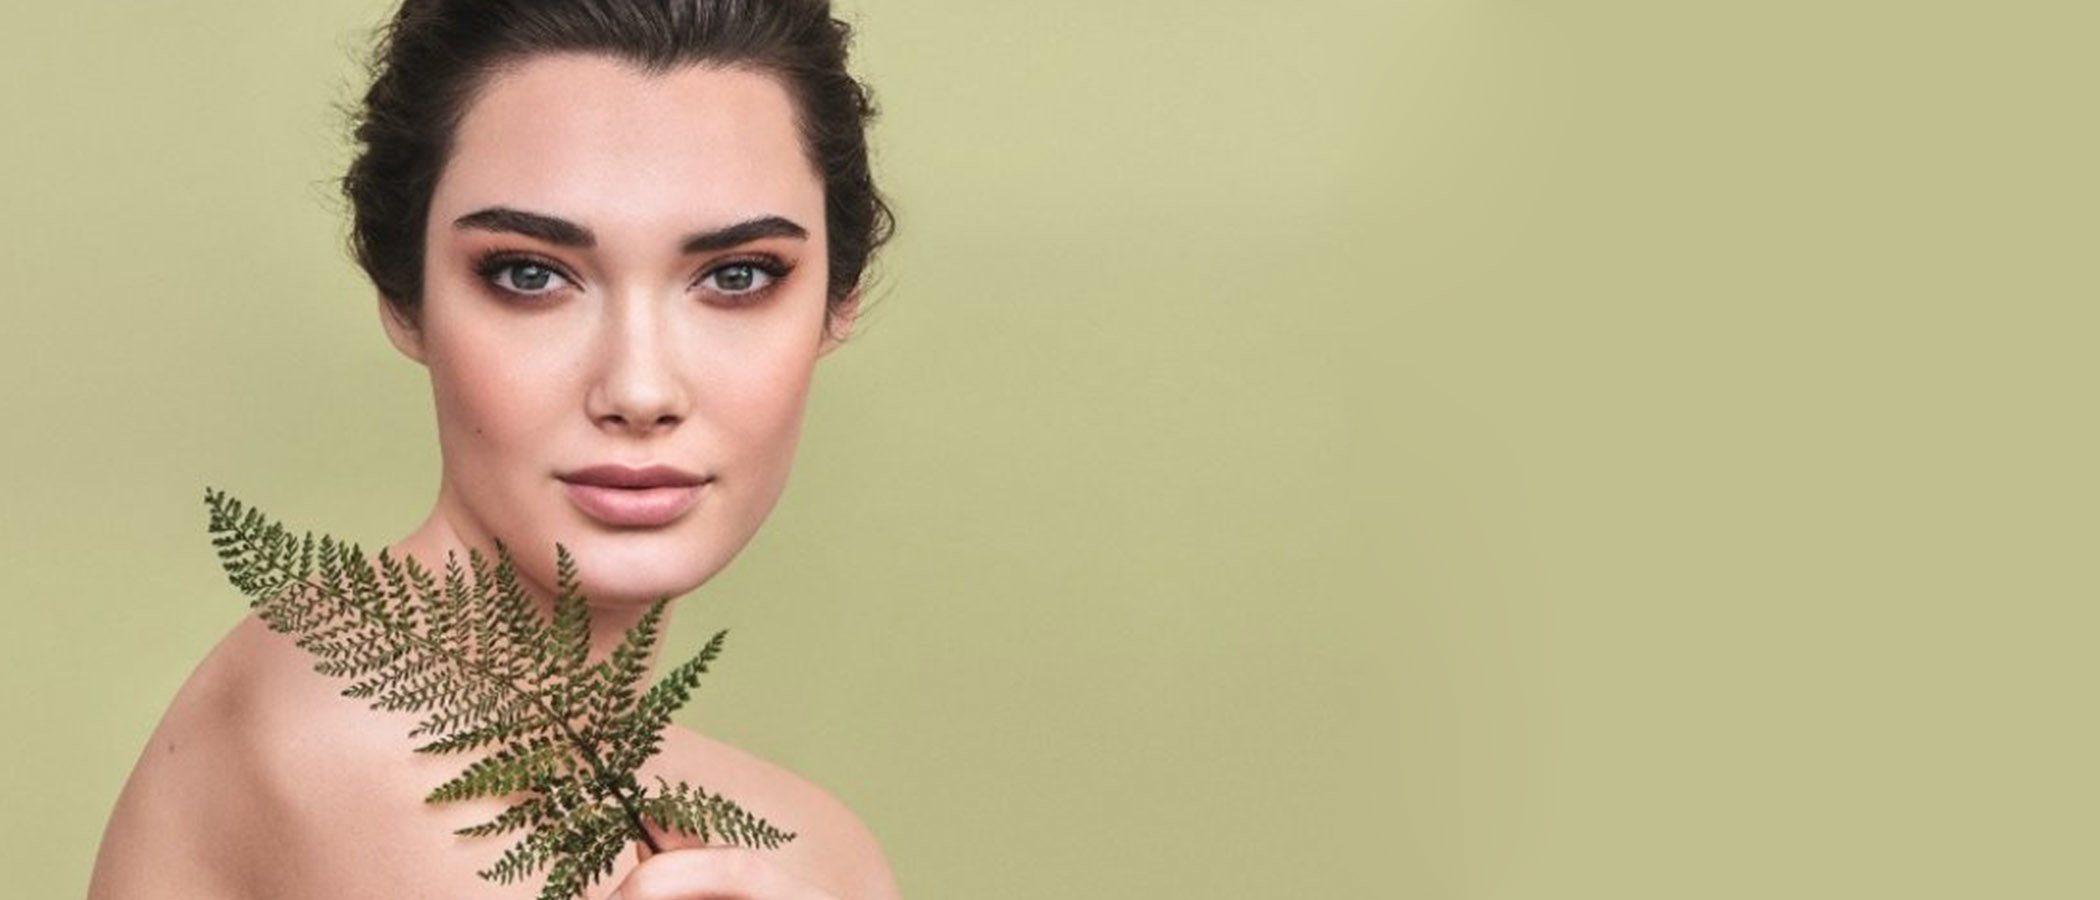 Consigue una rutina de limpieza facial impoluta con la nueva gama 'Pure Clear' de Kiko